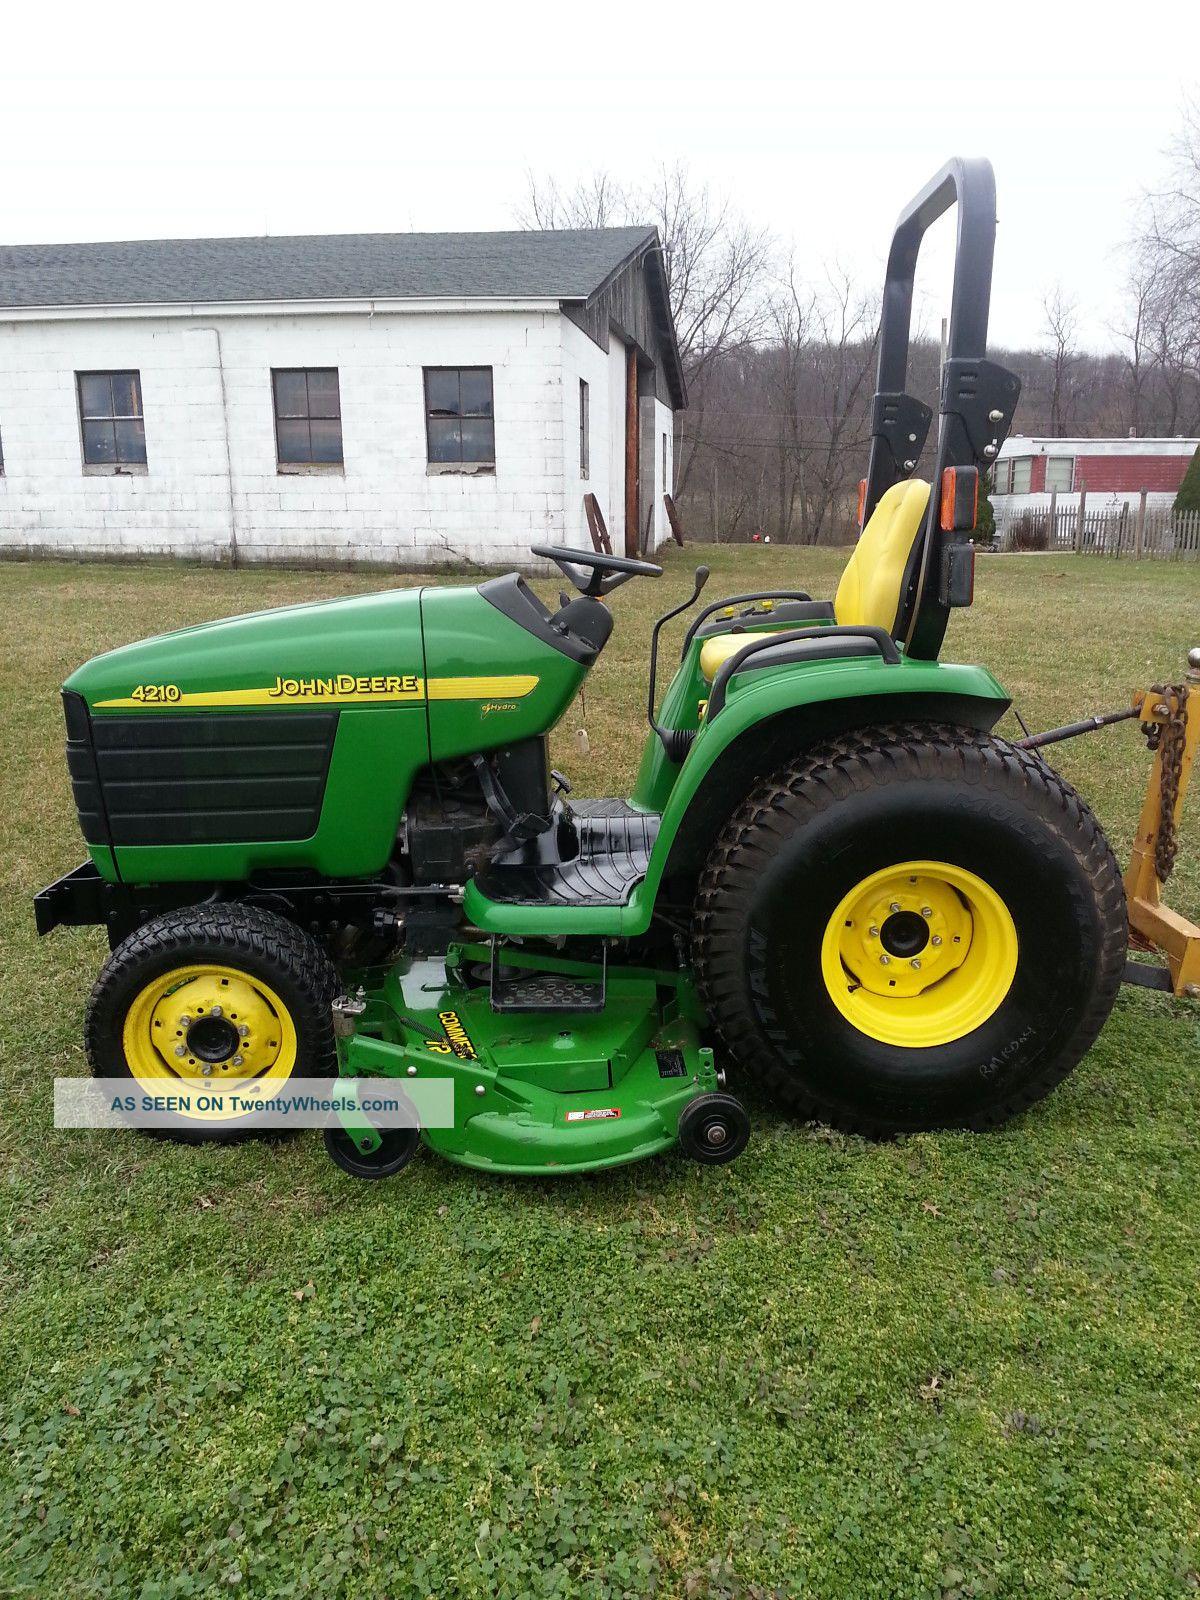 John Deere 4210 Compact Tractor Tractors photo 2